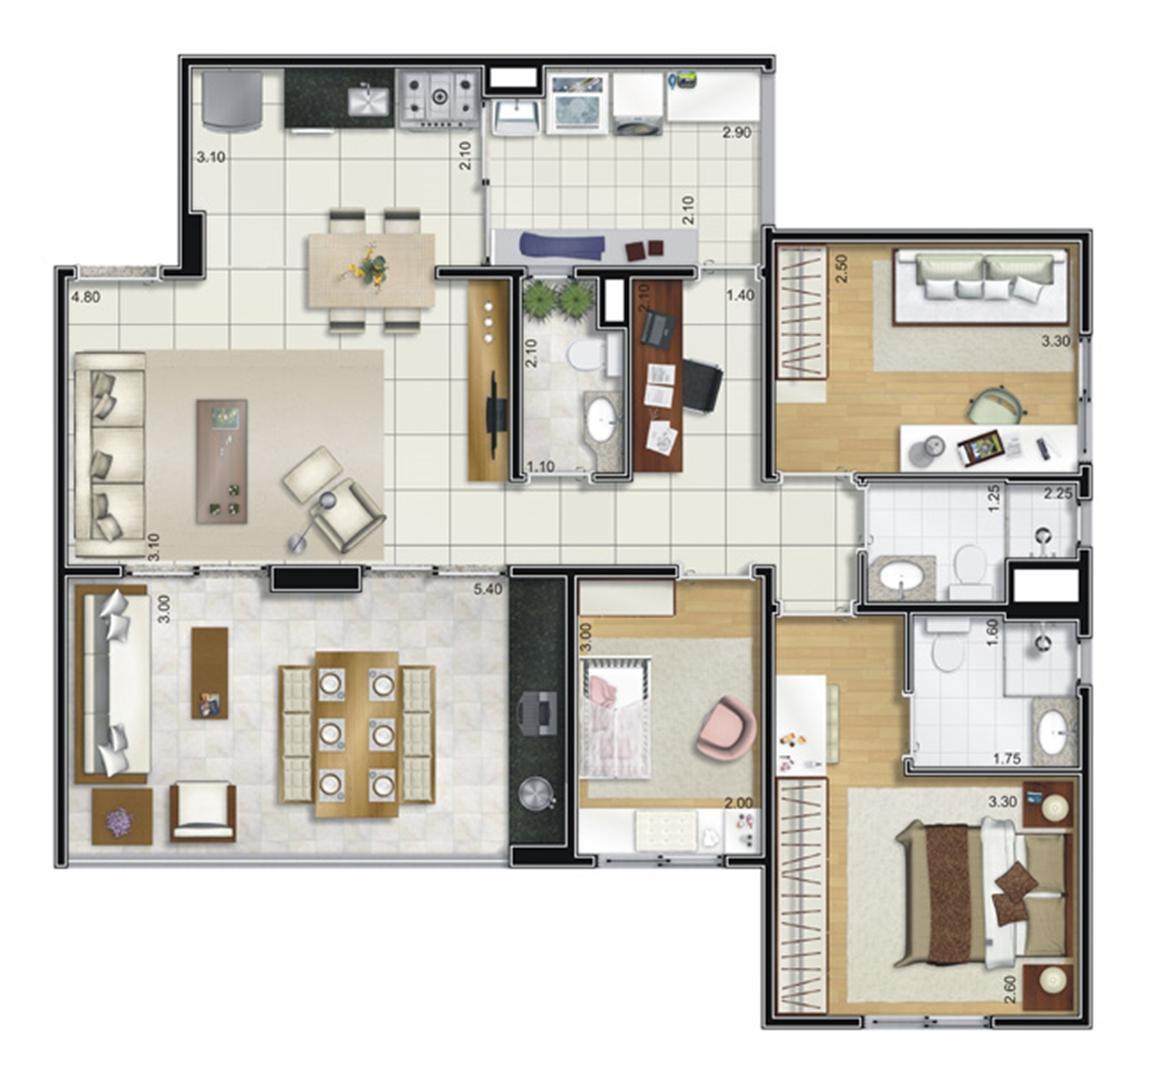 Planta opção 95 m² | Camino – Apartamento no  Belém - São Paulo - São Paulo